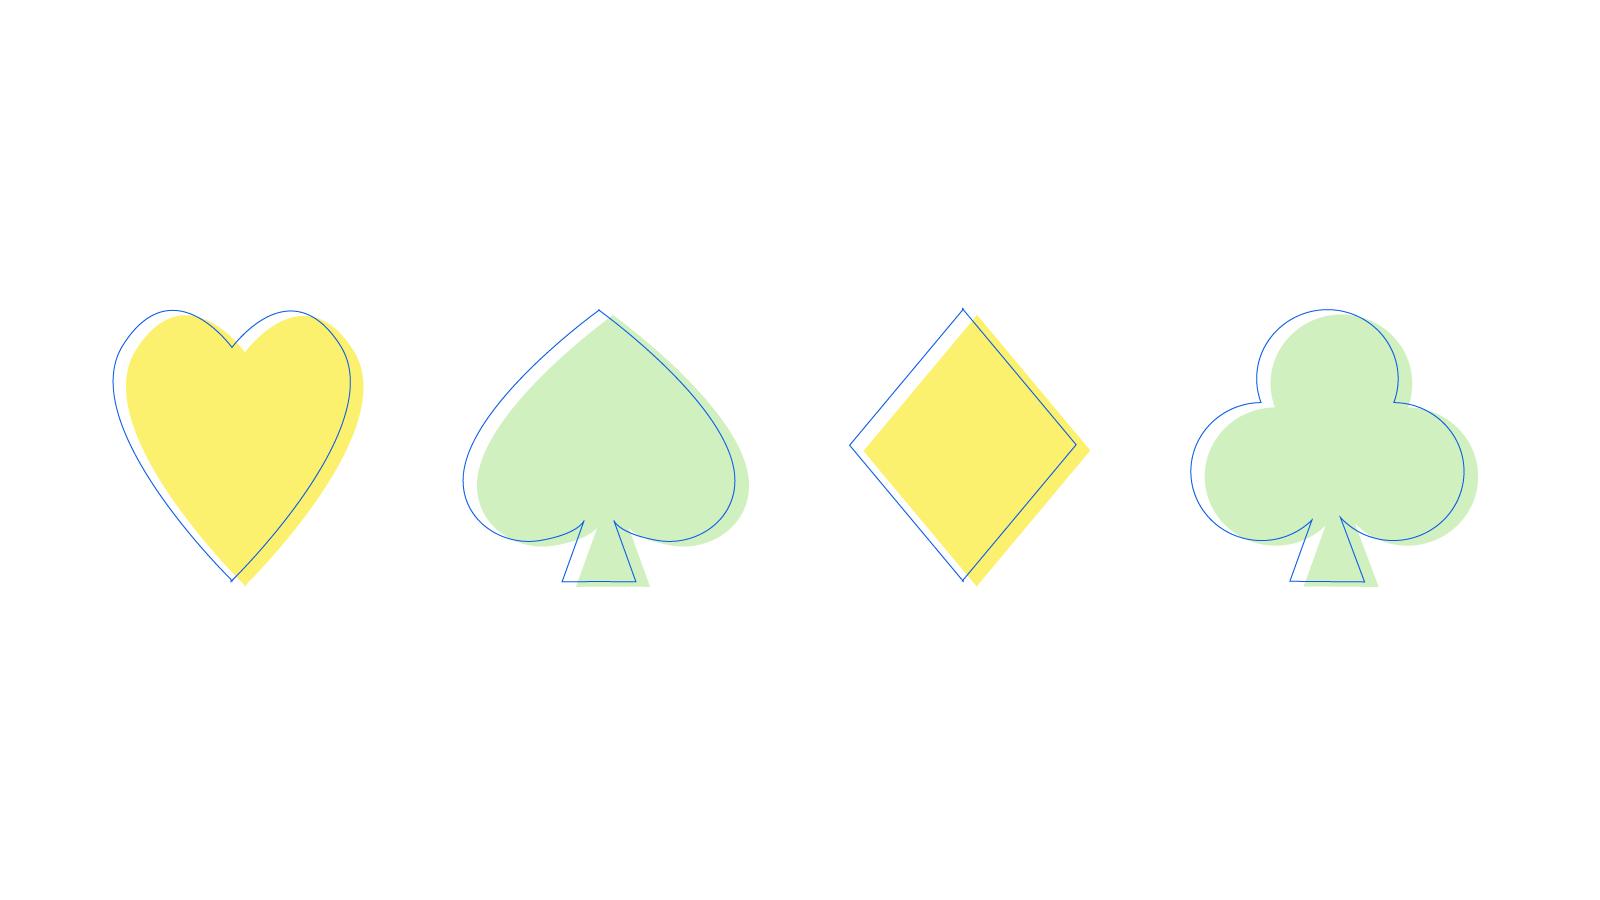 design2_1223.png